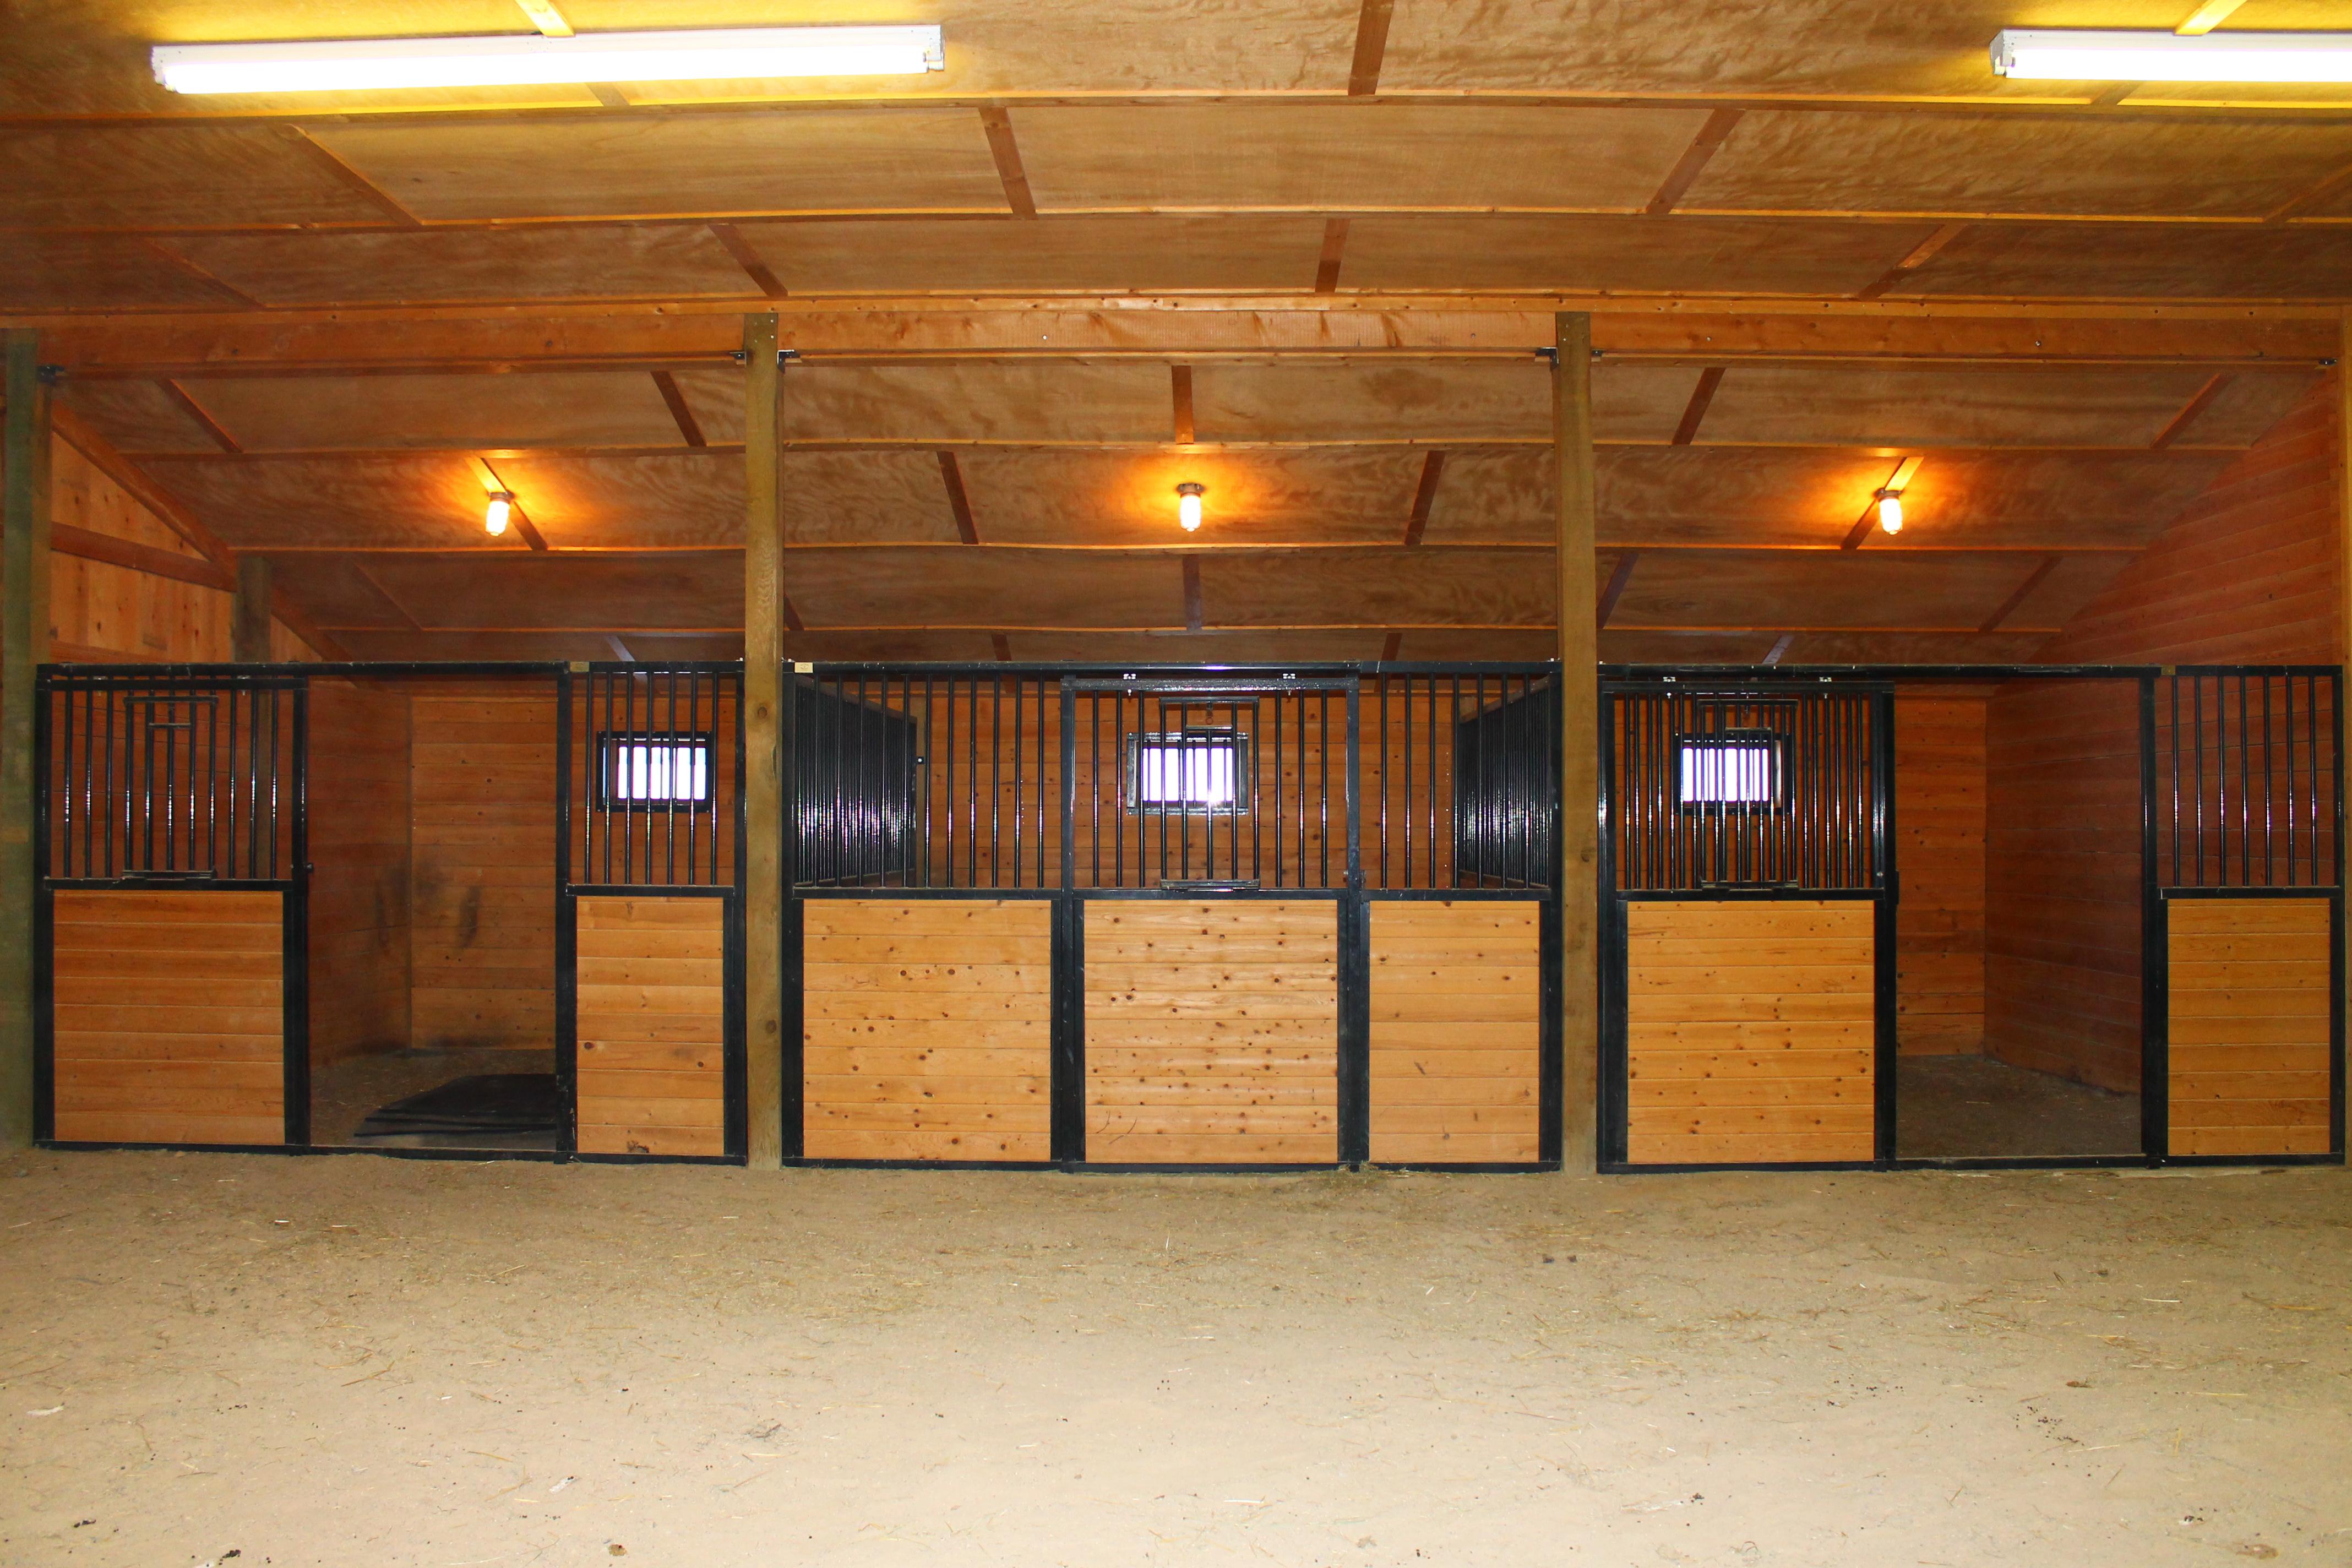 Stalls in Large Animal